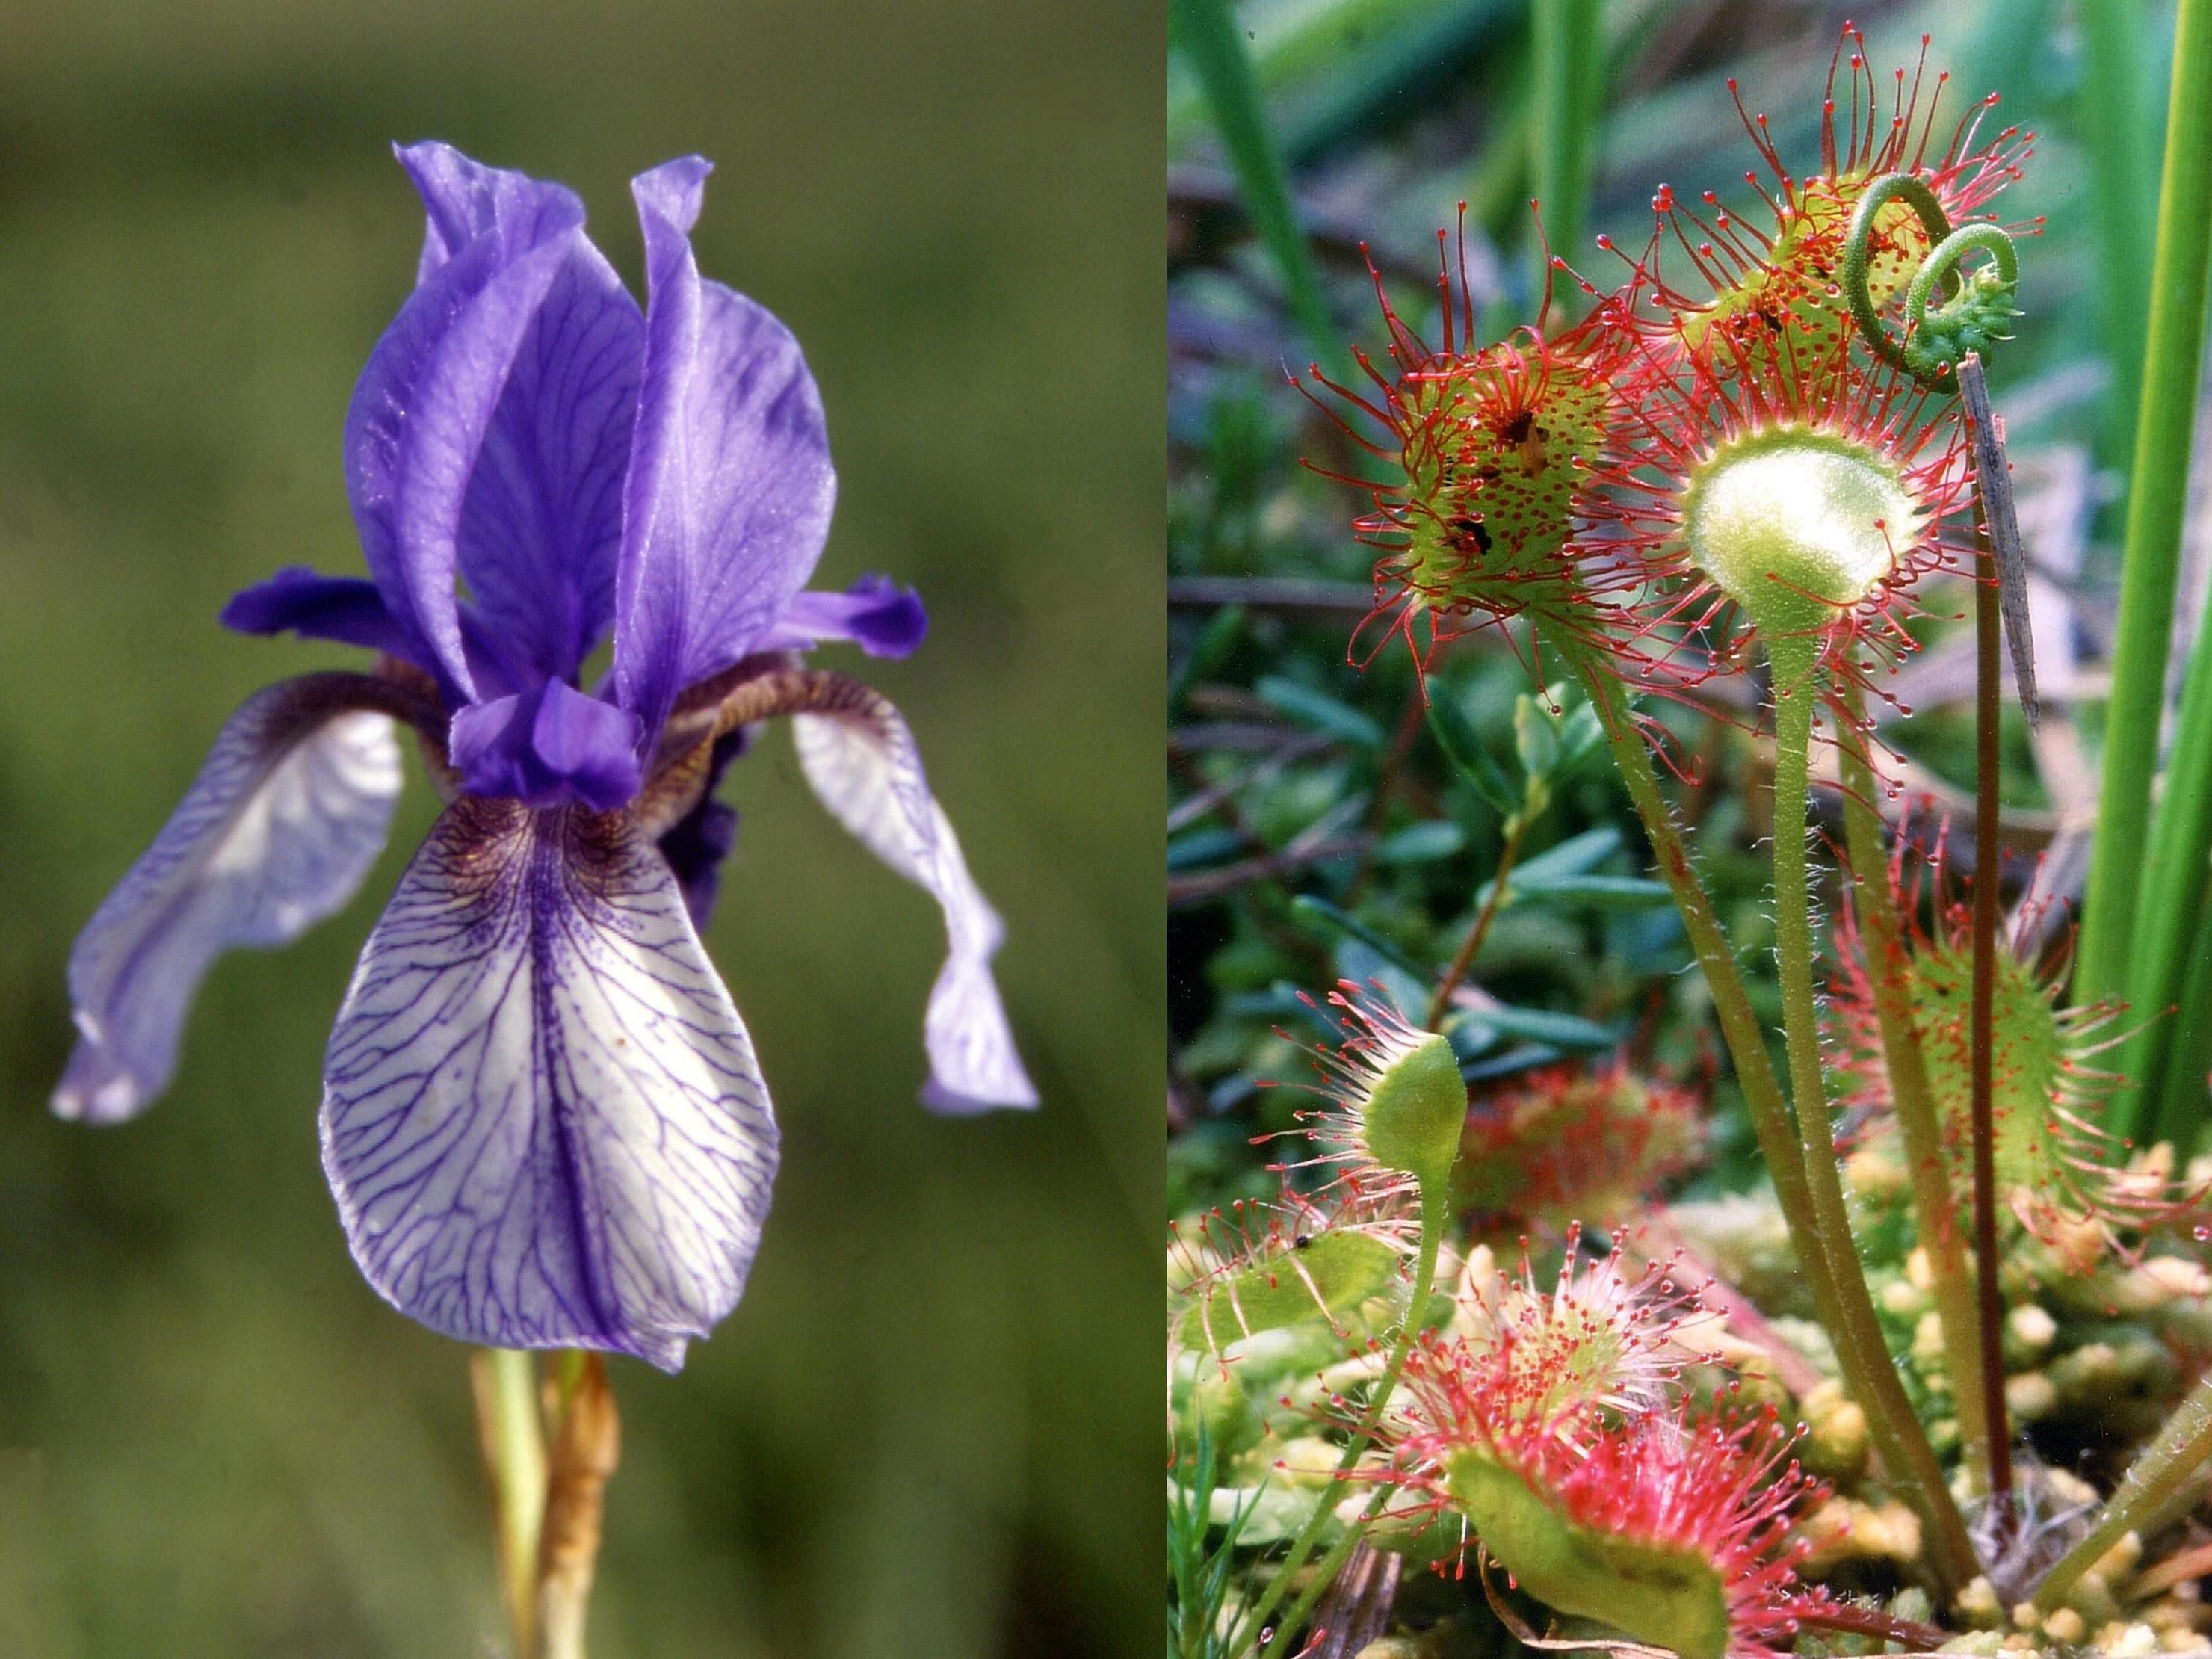 Sibirische Schwertlilie und Rundblättriger Sonnentau - zwei seltene Pflanzenarten der Götzner Moorgebiete